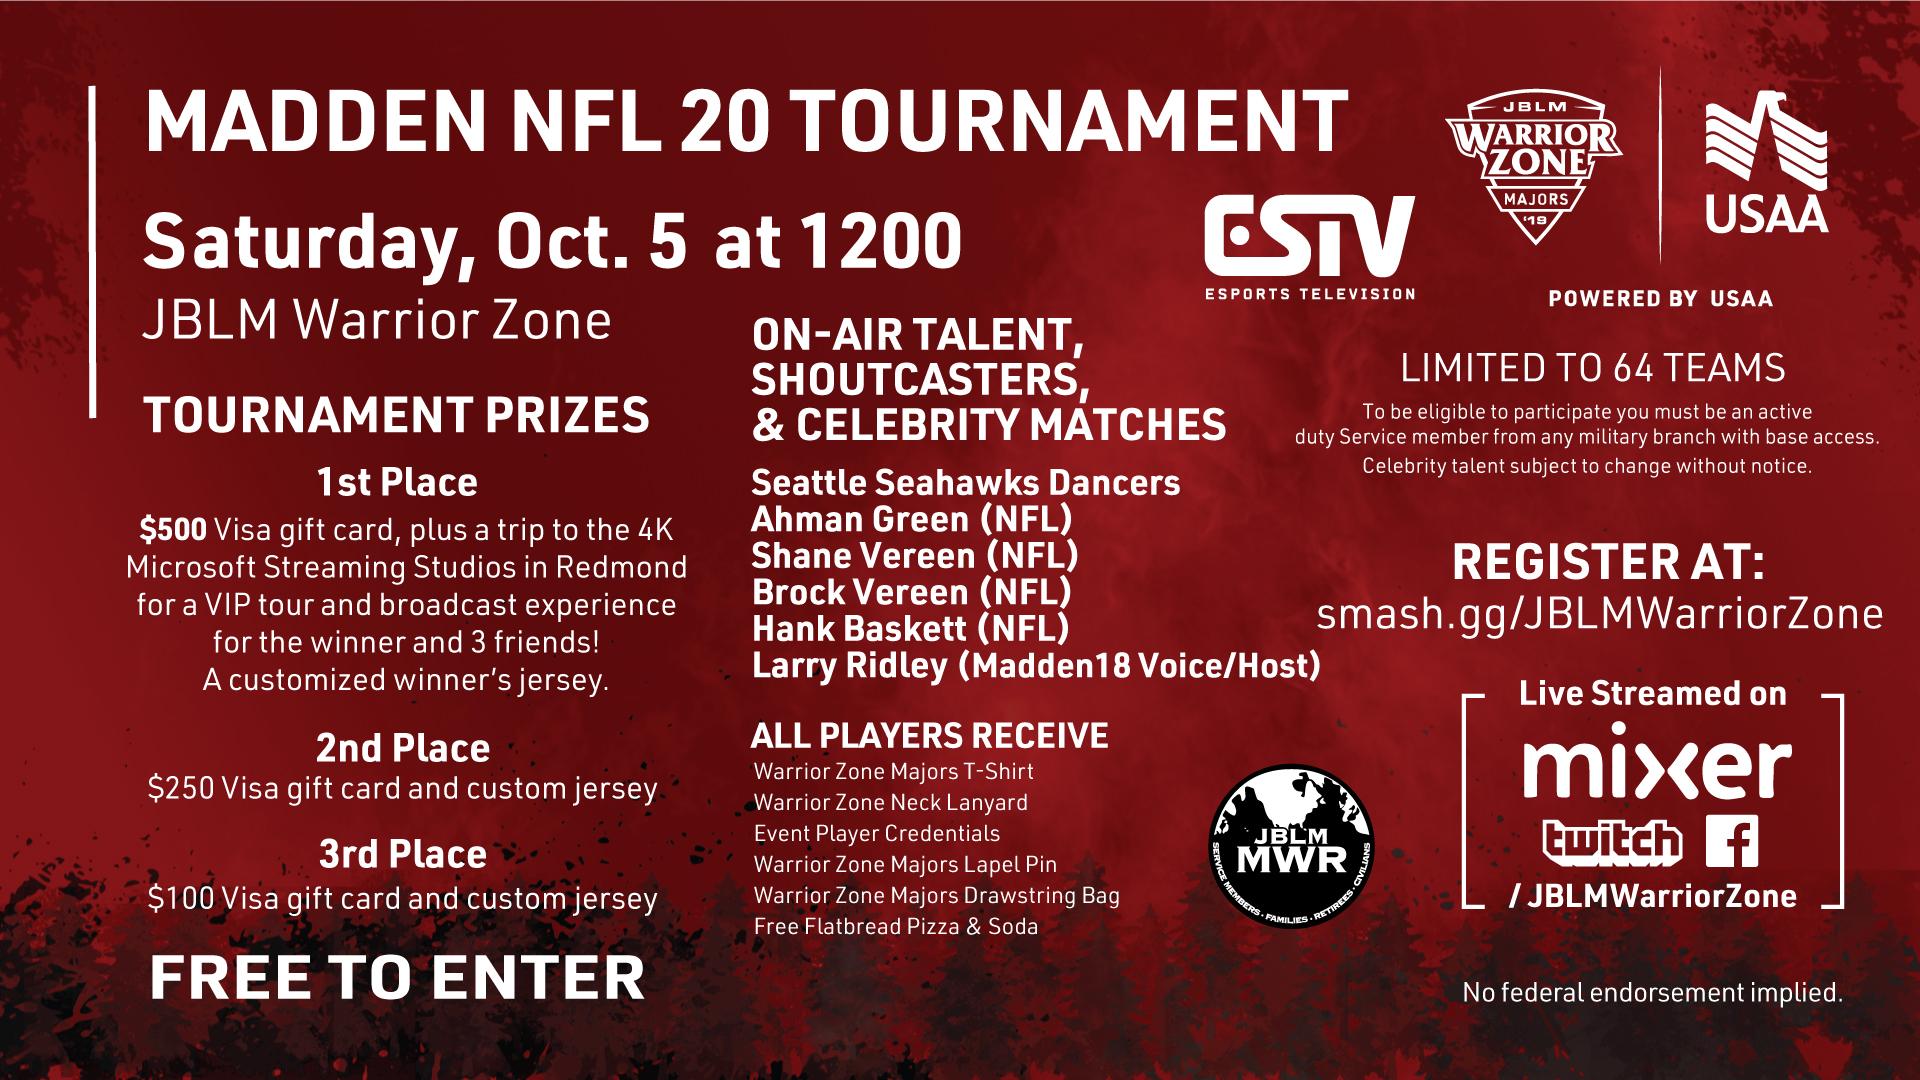 Madden NFL 20 Tournament